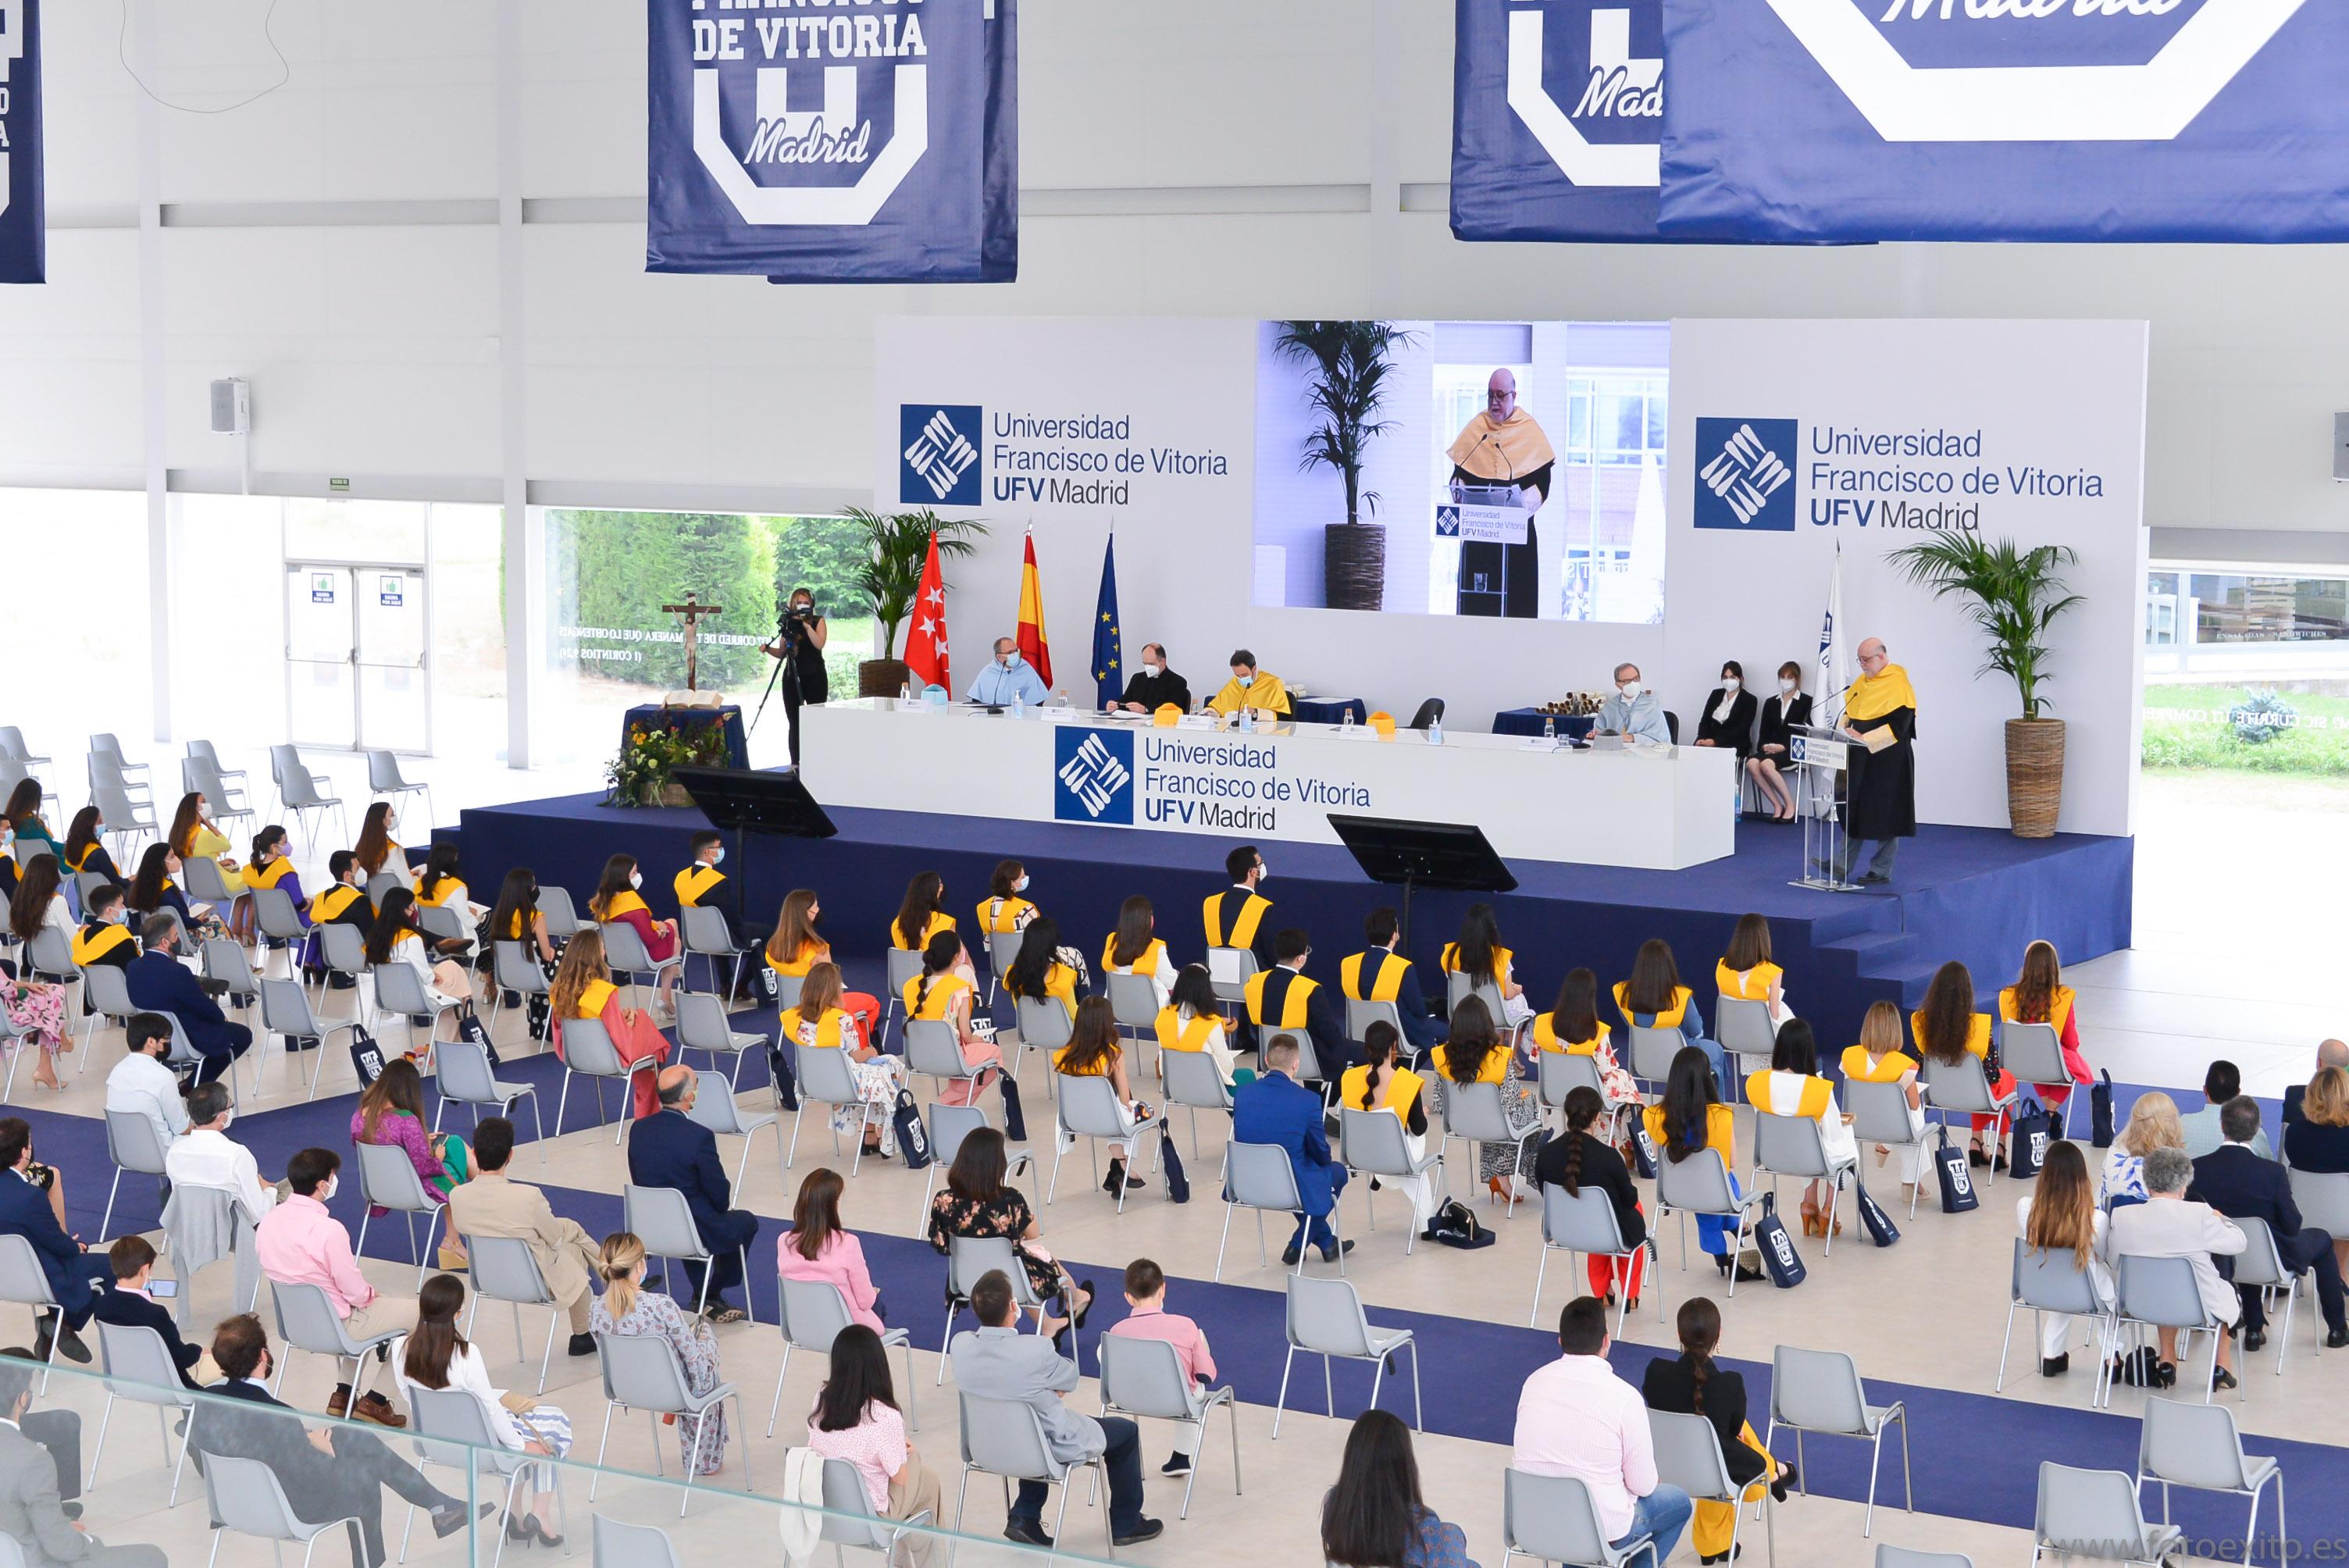 210605UFVPM 0393 Actos académicos Estudiar en Universidad Privada Madrid